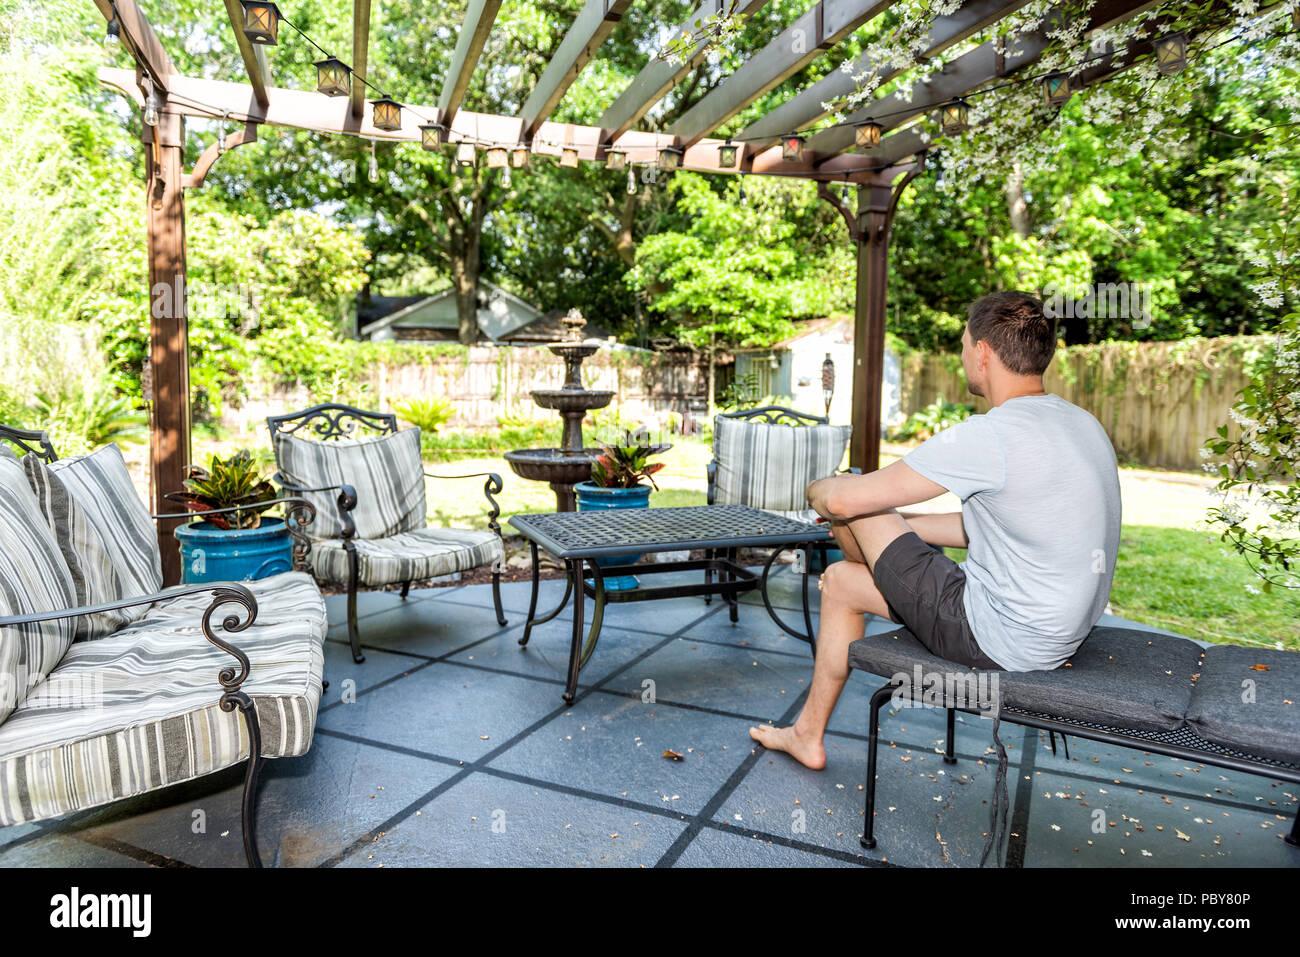 Junger Mann sitzen auf der Terrasse Lounge Chair in outdoor ...